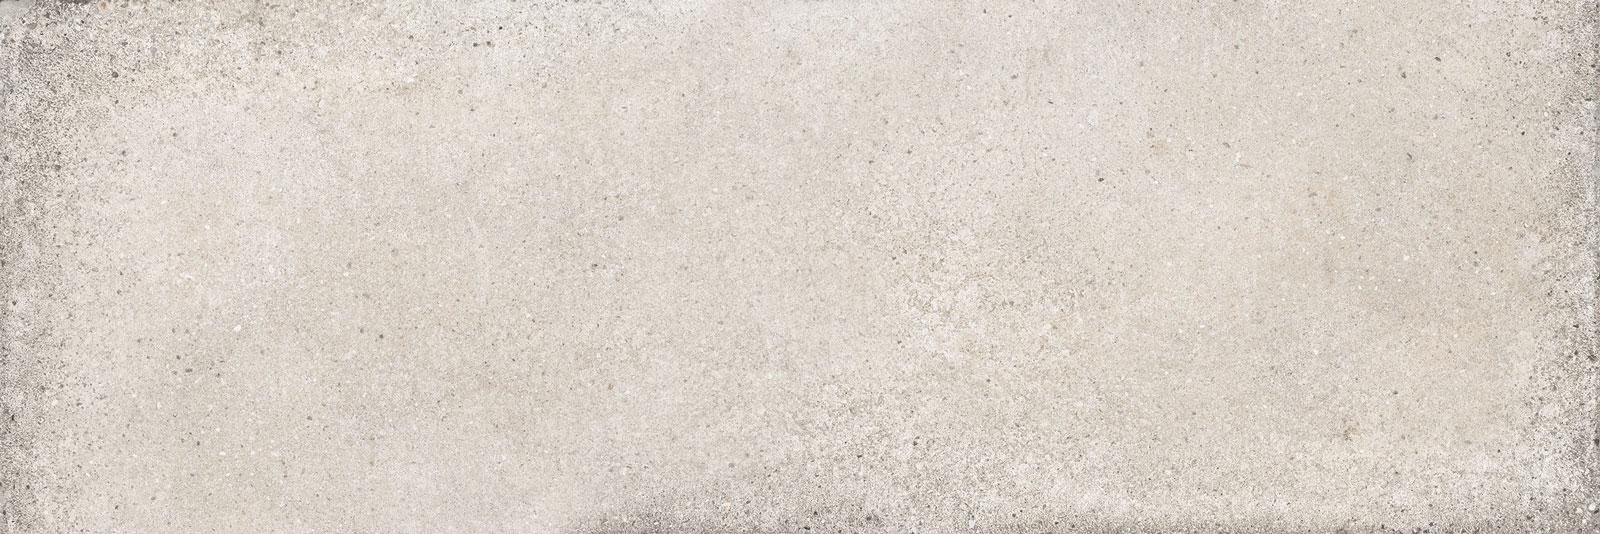 LA WELA Concrete Leaves Image